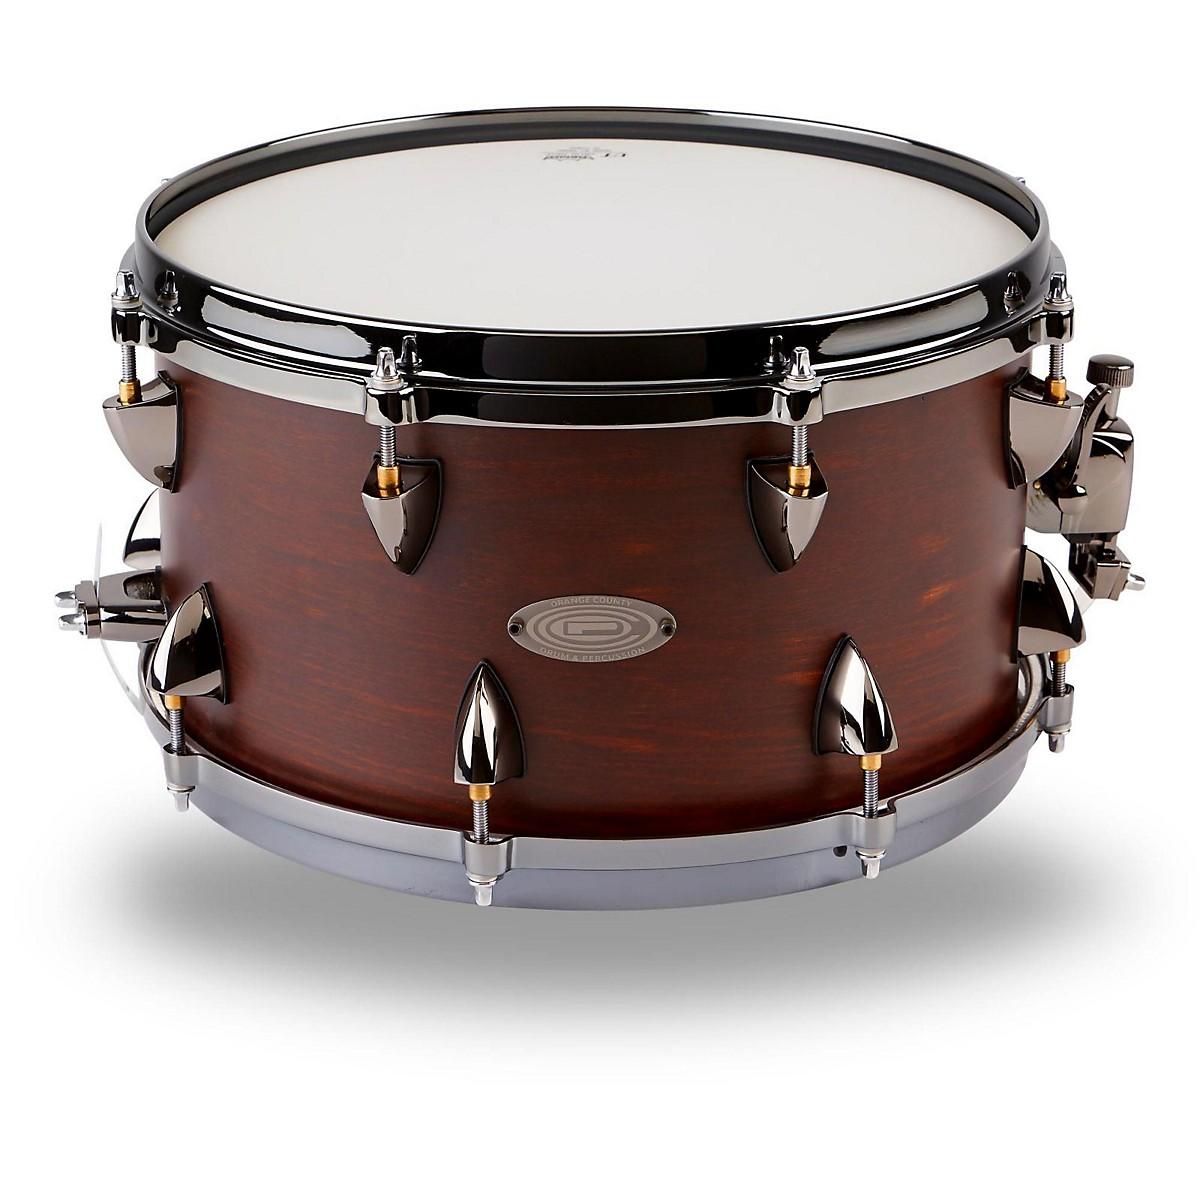 Orange County Drum & Percussion Snare Drum